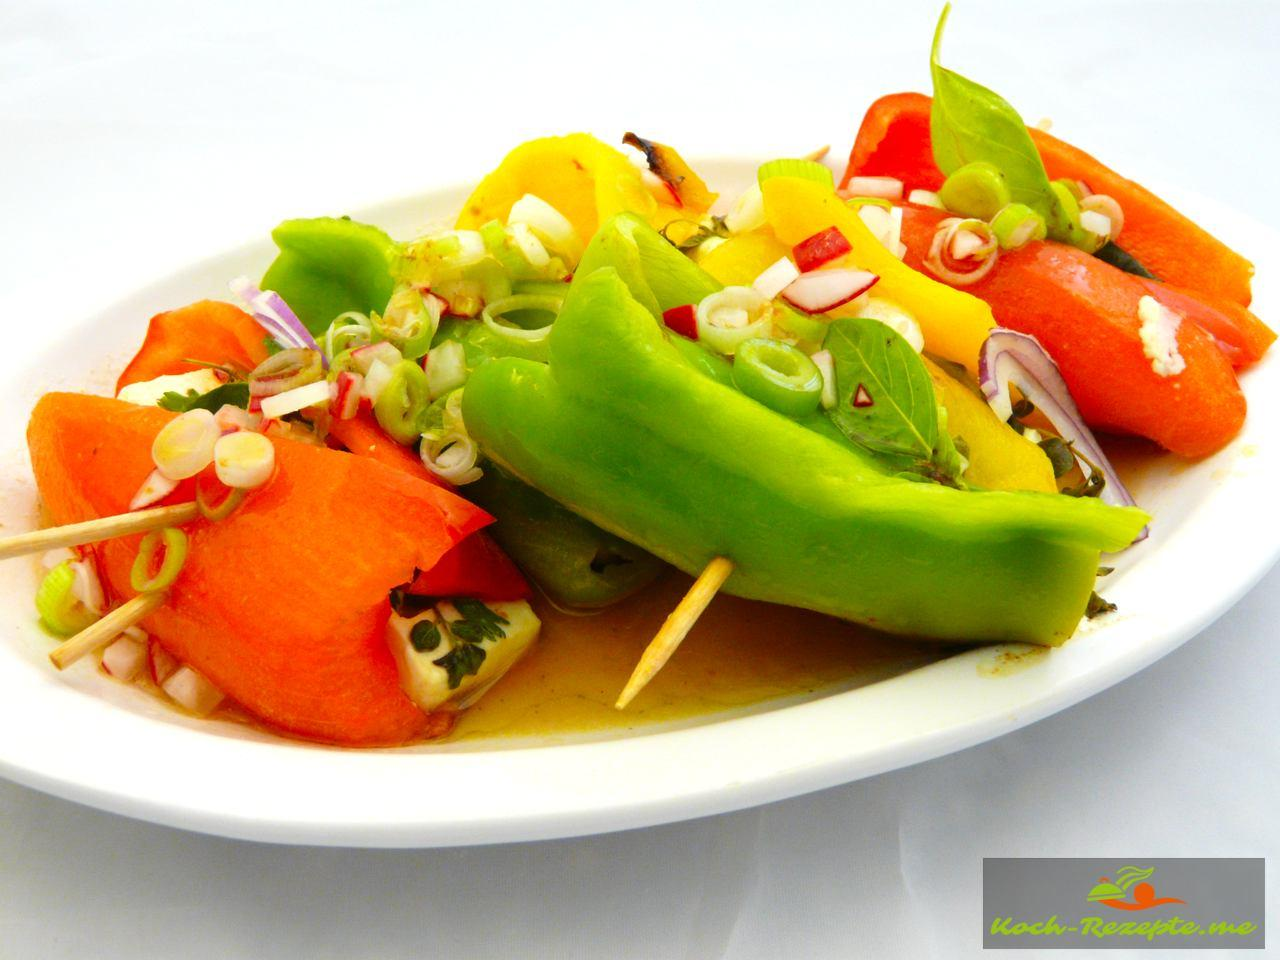 Die  Feta-Paprika Päckchen  in die Vinaigrette einlegen für 10 Minuten dann servieren